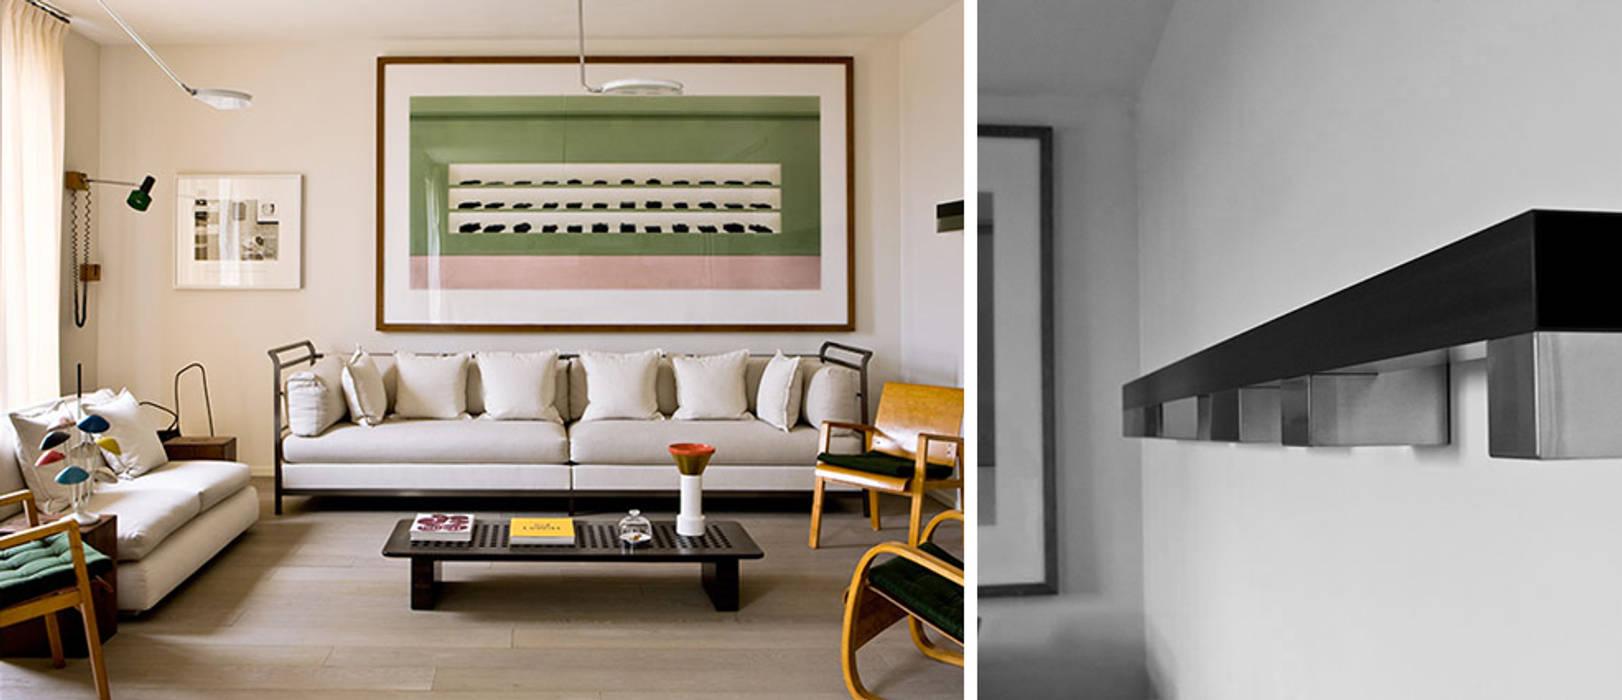 PARIS TROCADERO     Crédit photo:  Gilles Trillard pour ELLE DECO: Salon de style de style Moderne par KTL Interiors  by Kareen Trager-Lewis